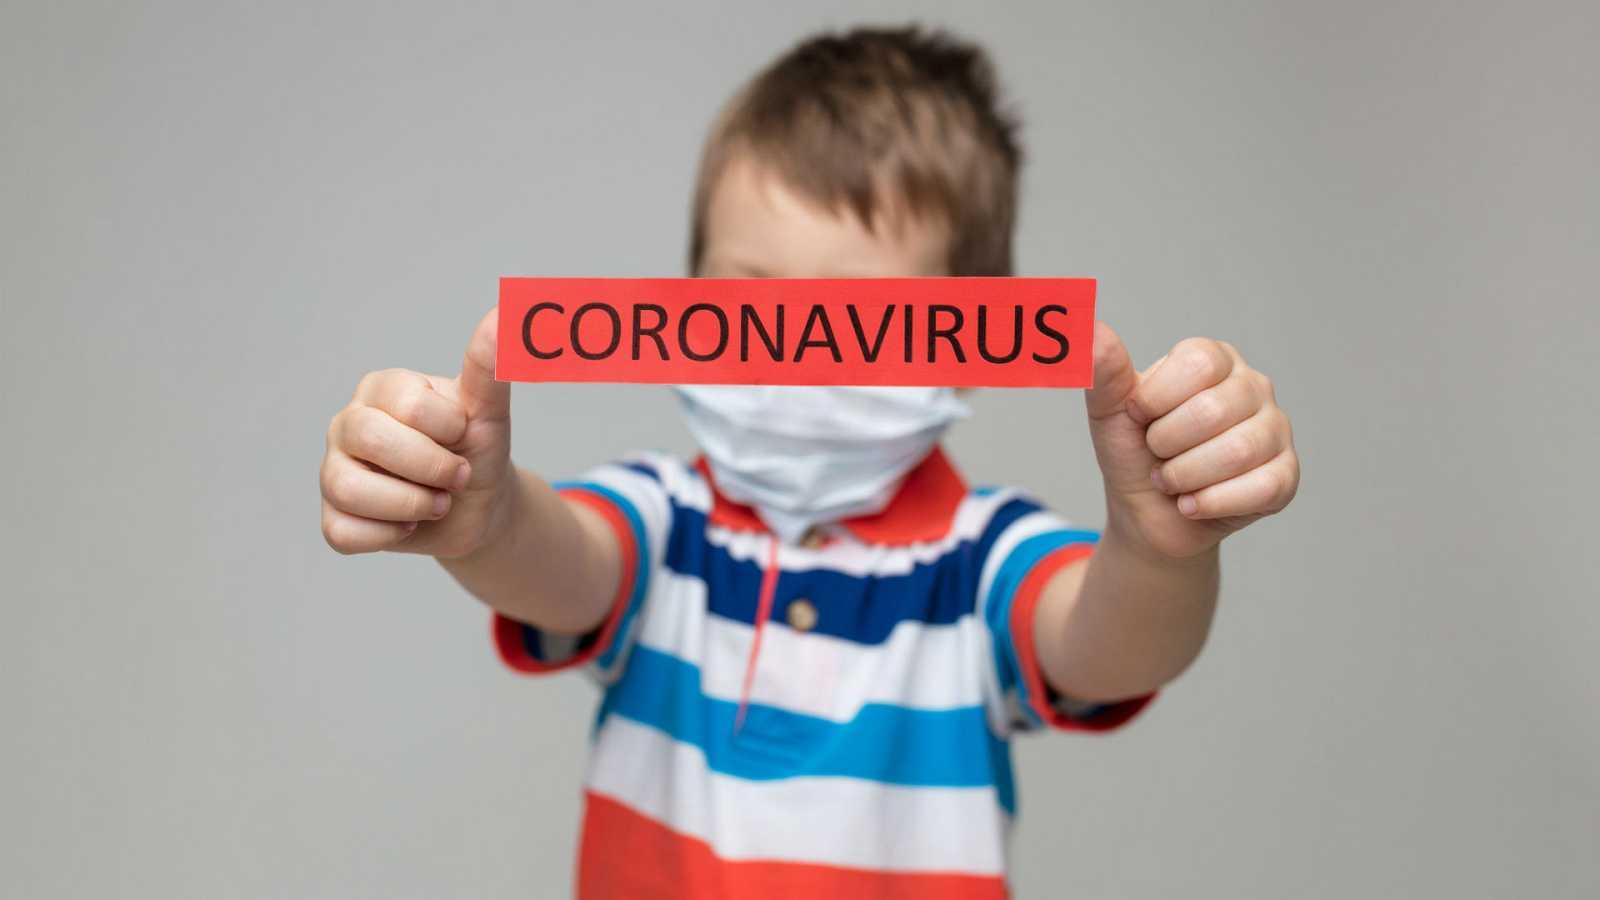 14 horas - Solo el 8% de los niños contagian la COVID-19, según un estudio del Vall d'Hebron - Escuchar ahora